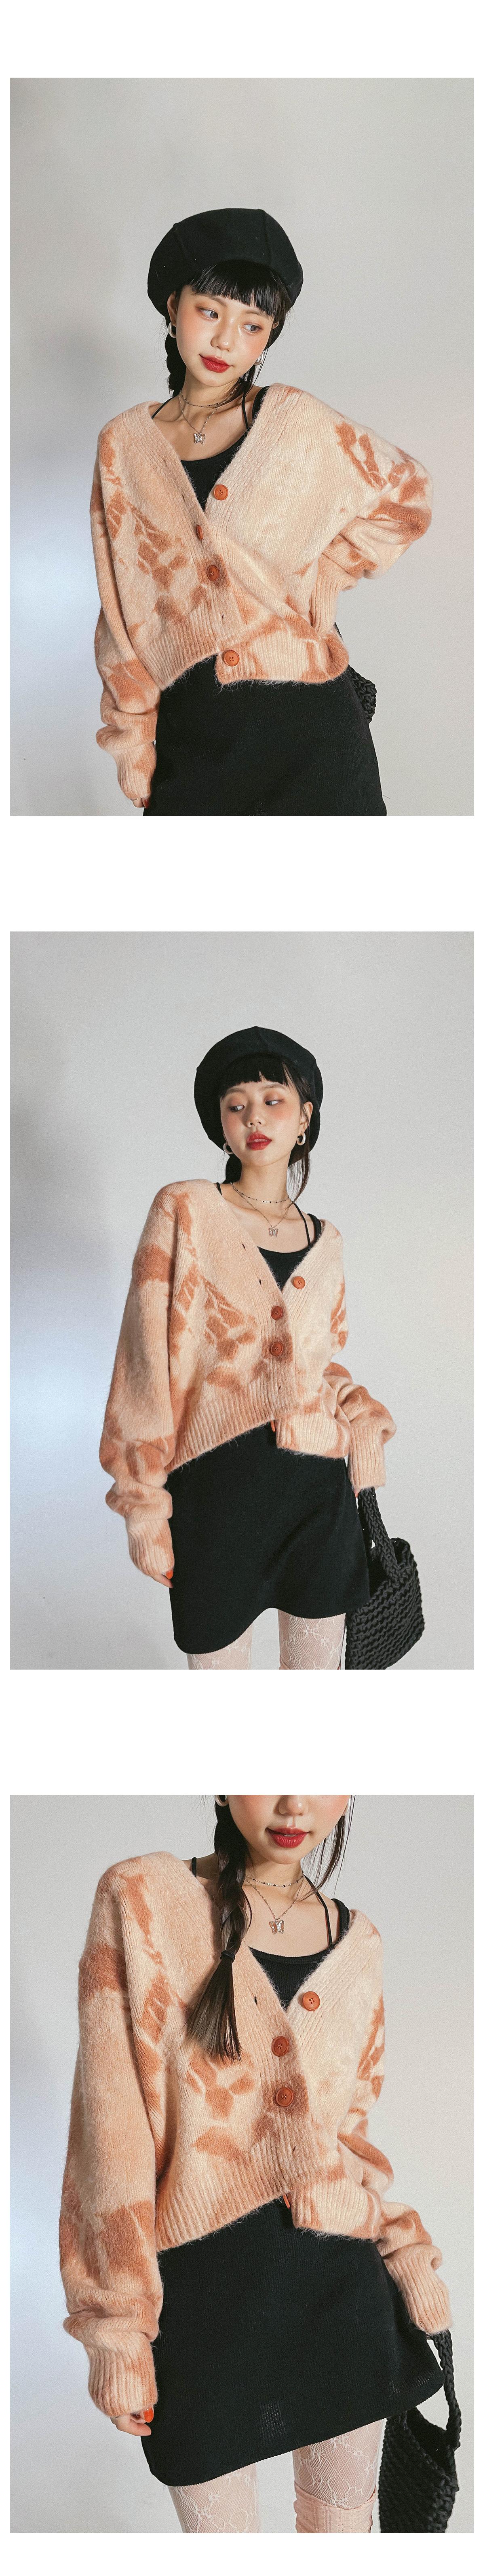 tie-dyed knitwear cardigan